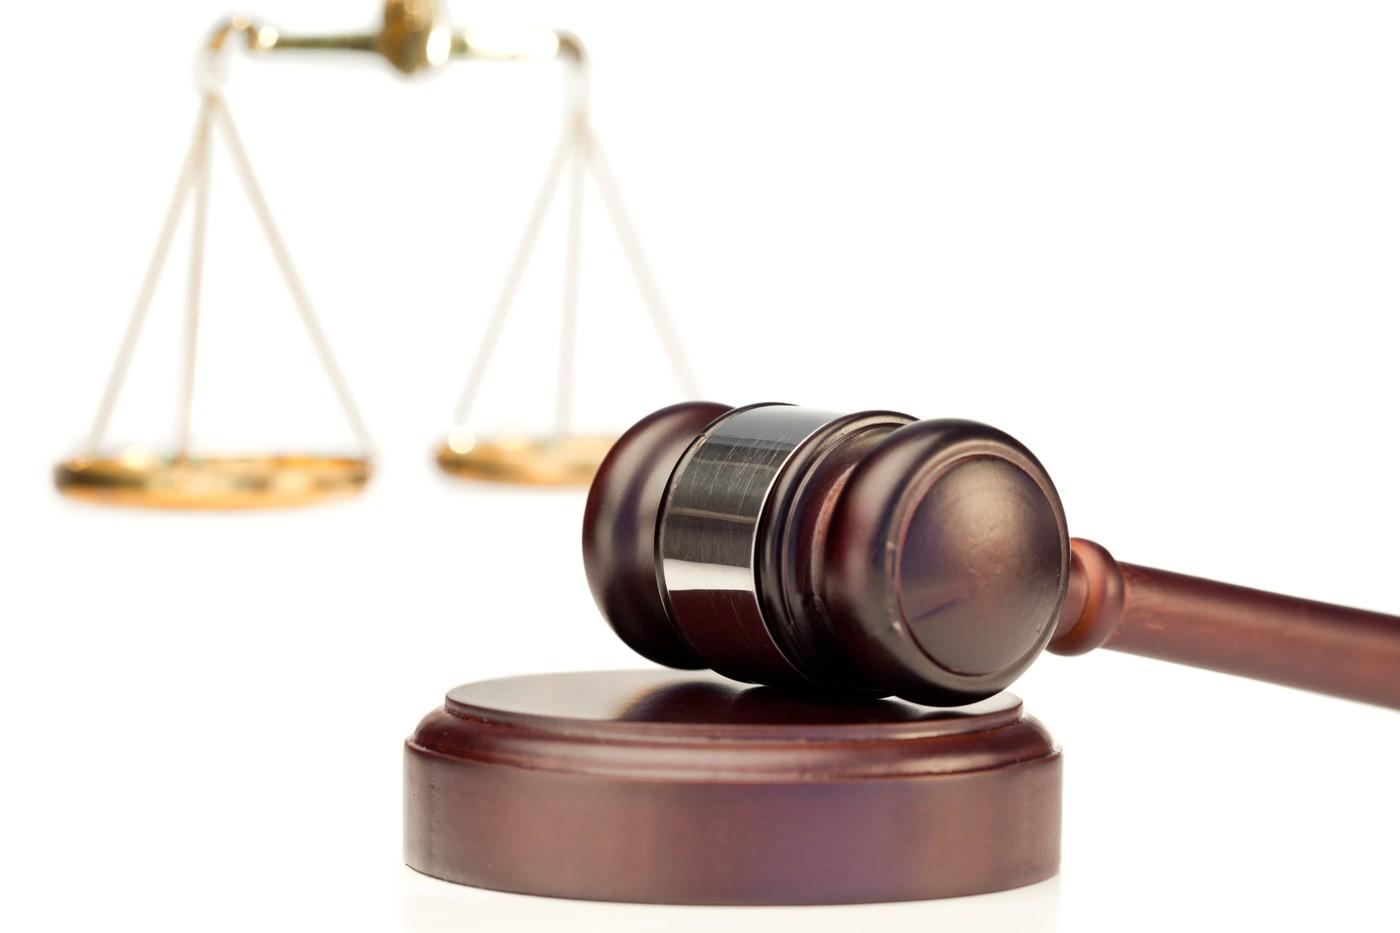 Sud bi da pusti Mehmetaja uz jemstvo, tužilaštvo ulaže žalbu